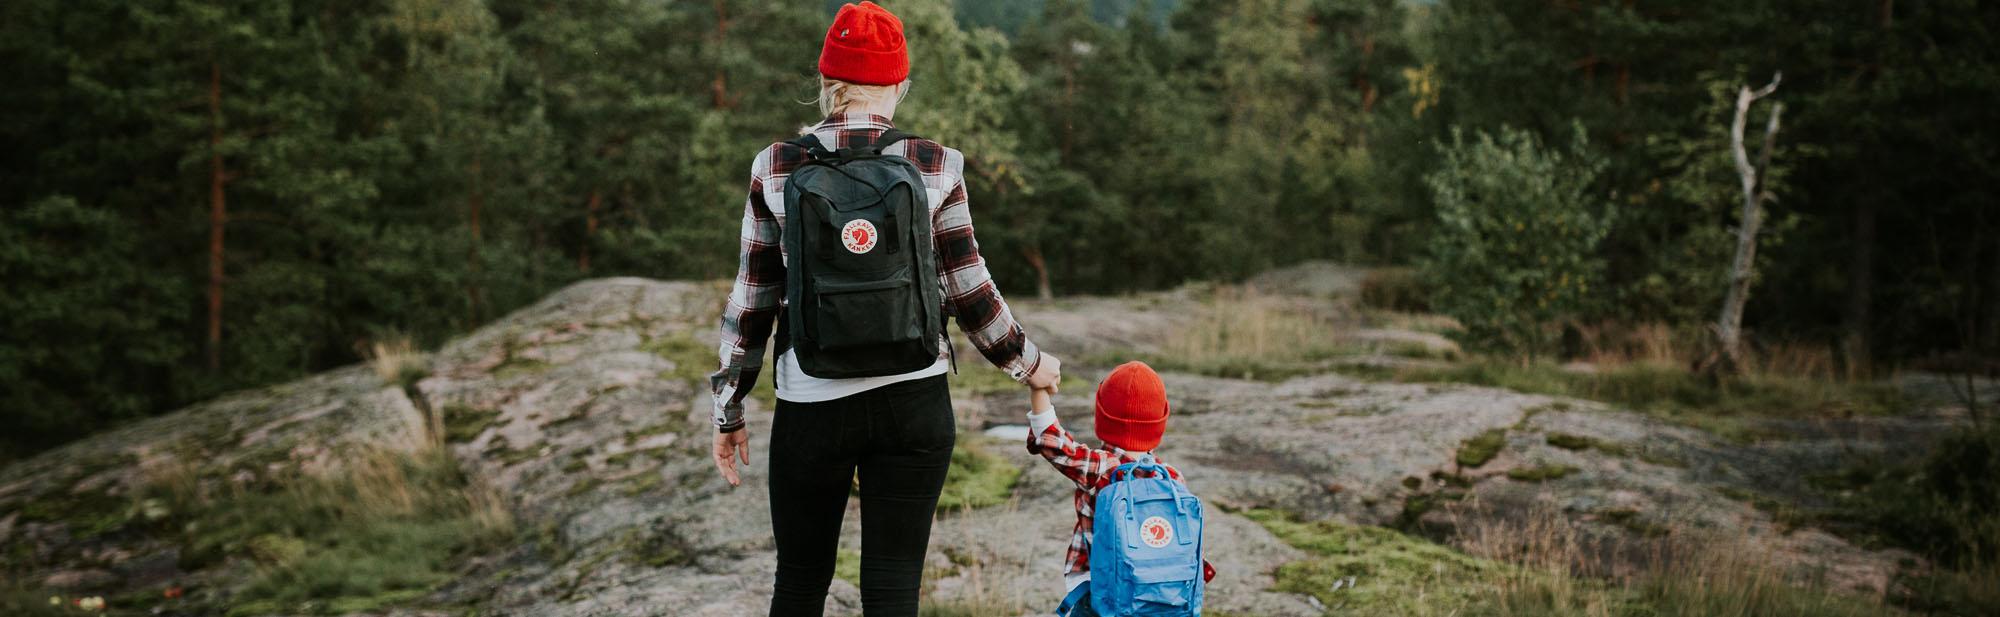 Äiti ja lapsi kävelevät käsi kädessä kalliolla metsämaisemassa.